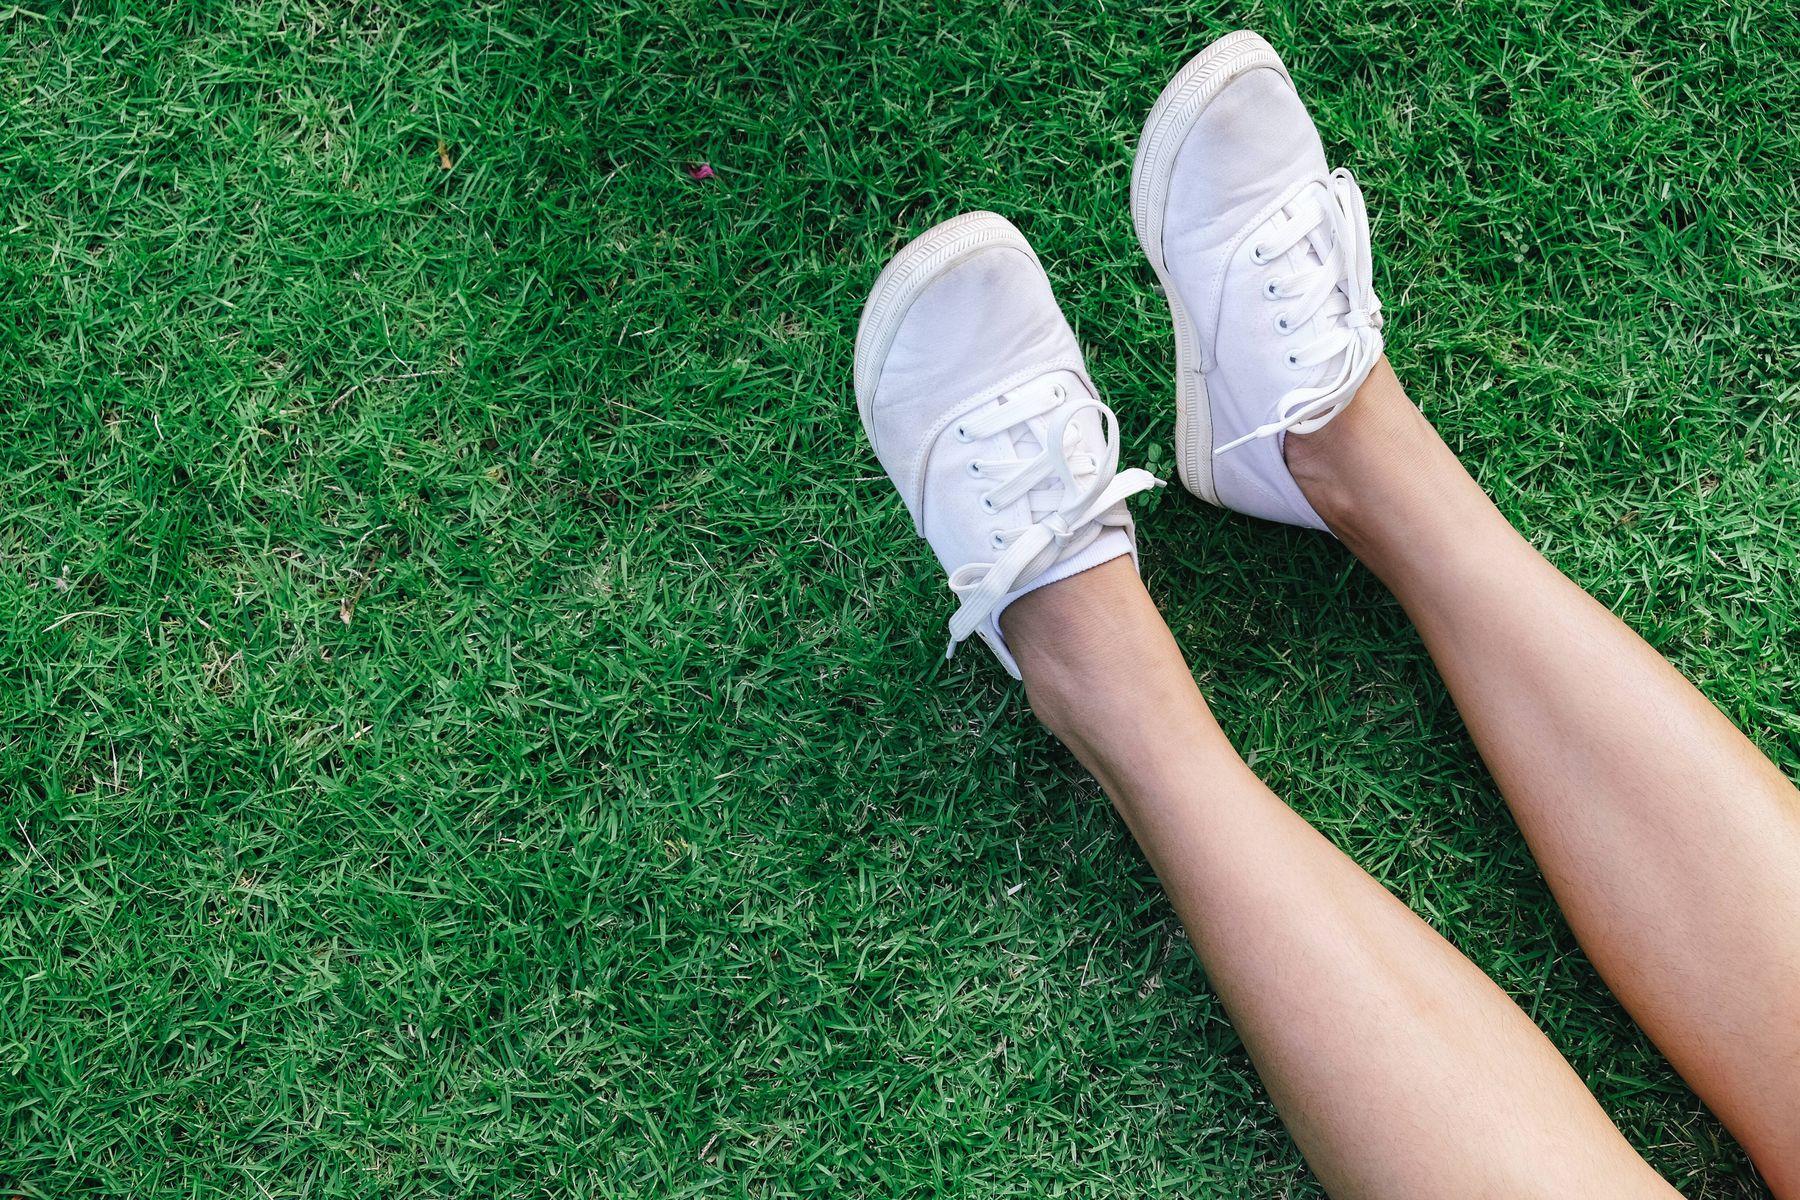 Cách làm sáng đế giày bị ố vàng với 4 nguyên liệu đơn giản